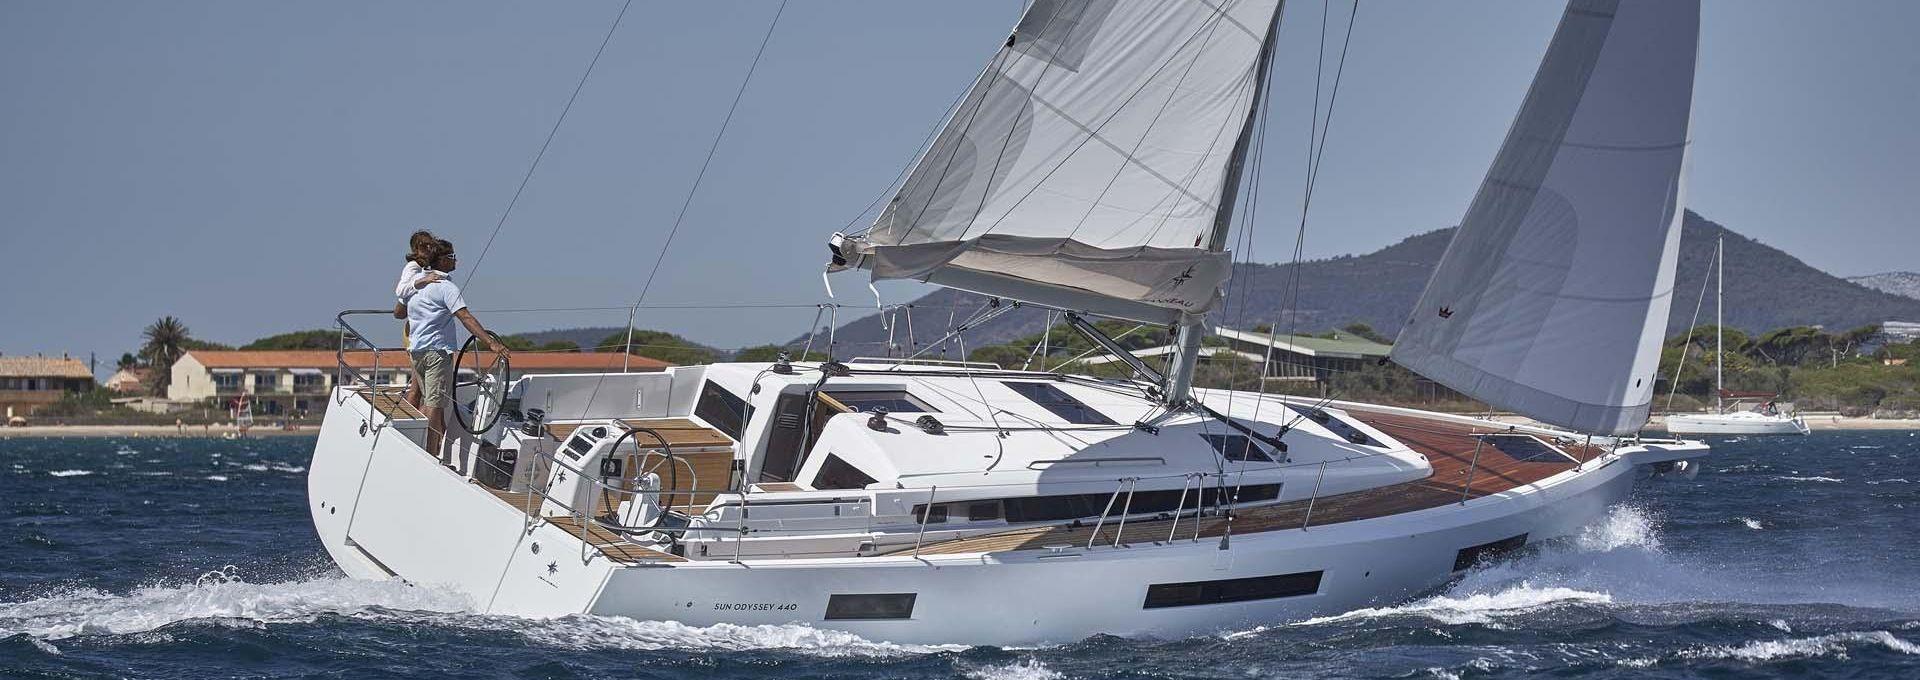 Sun odyssey 440 à louer au départ de Martinique